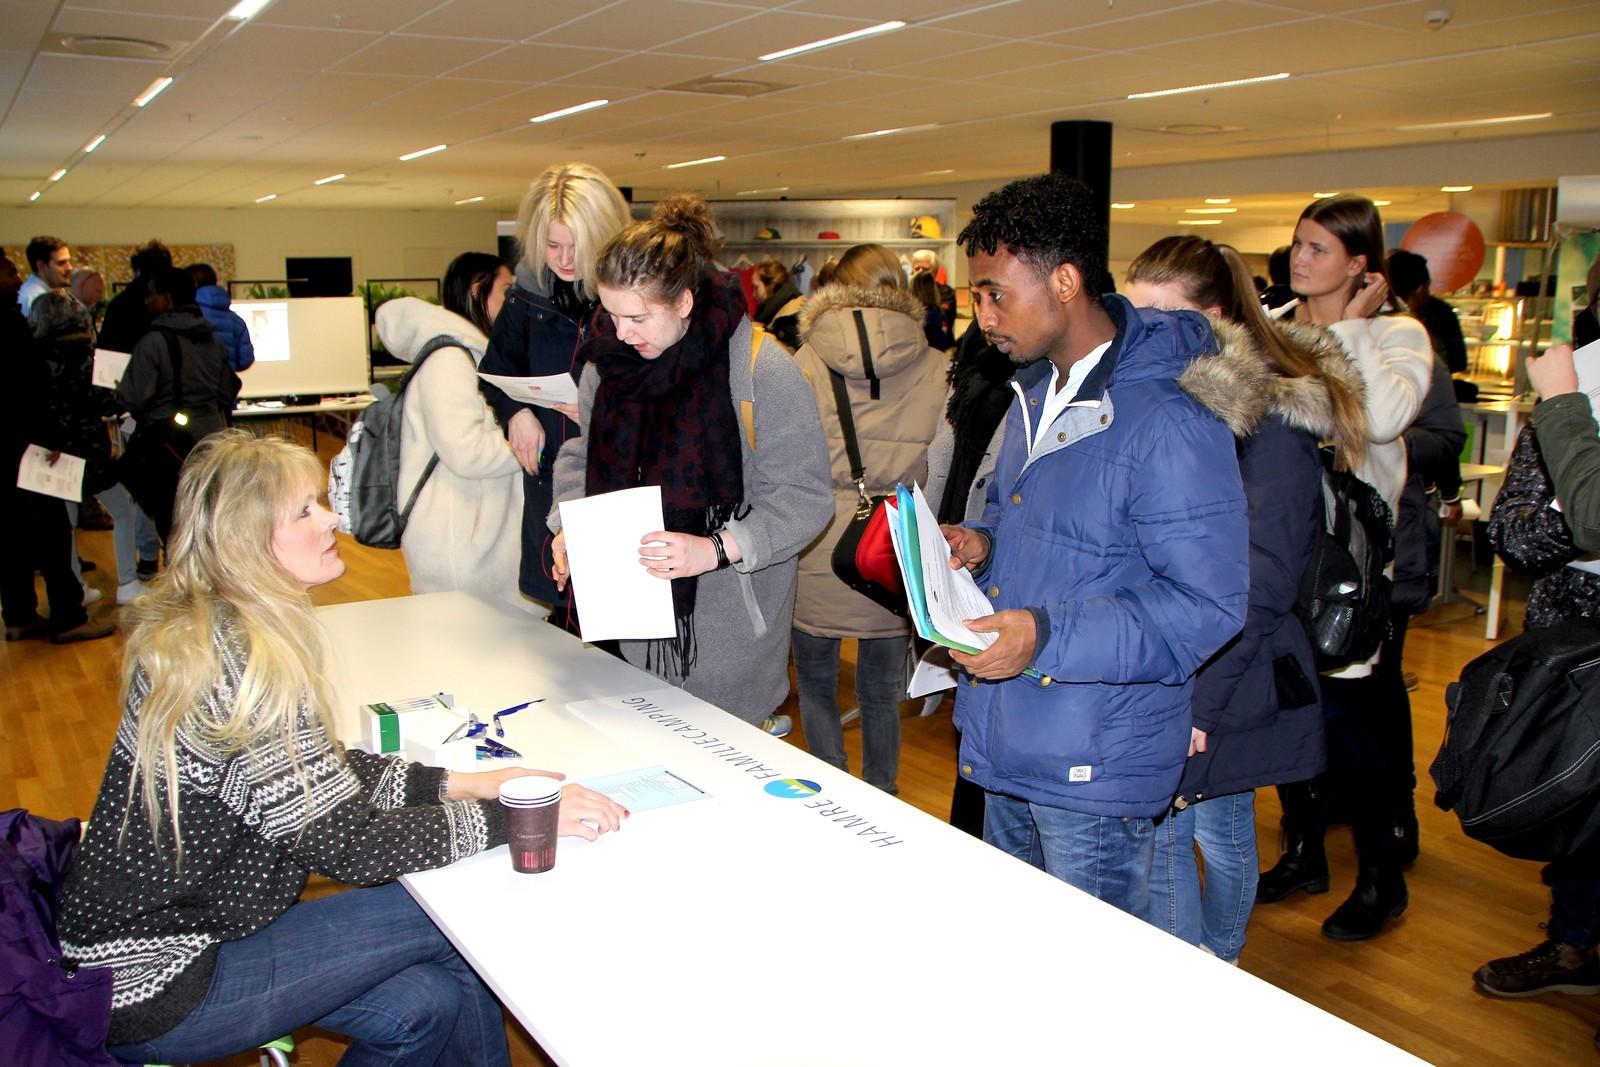 Dyreparken, IKEA, Glencore Nikkelverk, McDonald's, Hamre familiecamping, Scandic dyreparken og Cafe Generalen deltok på dagens messe.